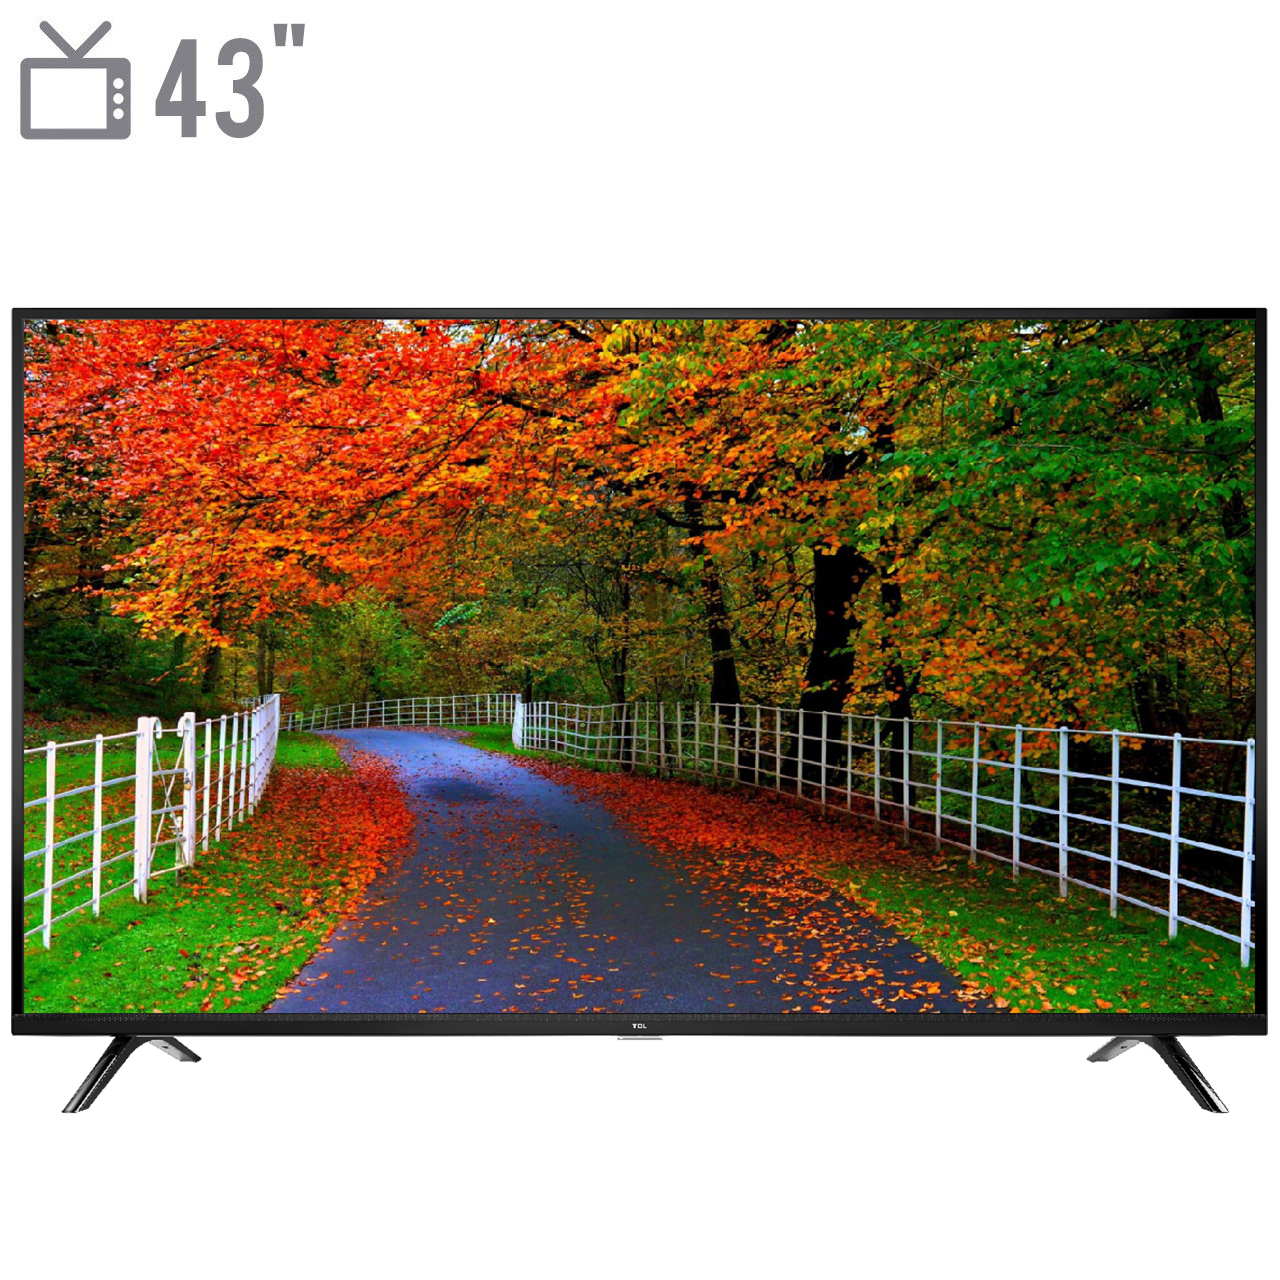 فروش اقساطی تلویزیون ال ای دی TCL مدل 43D3000 Full HD